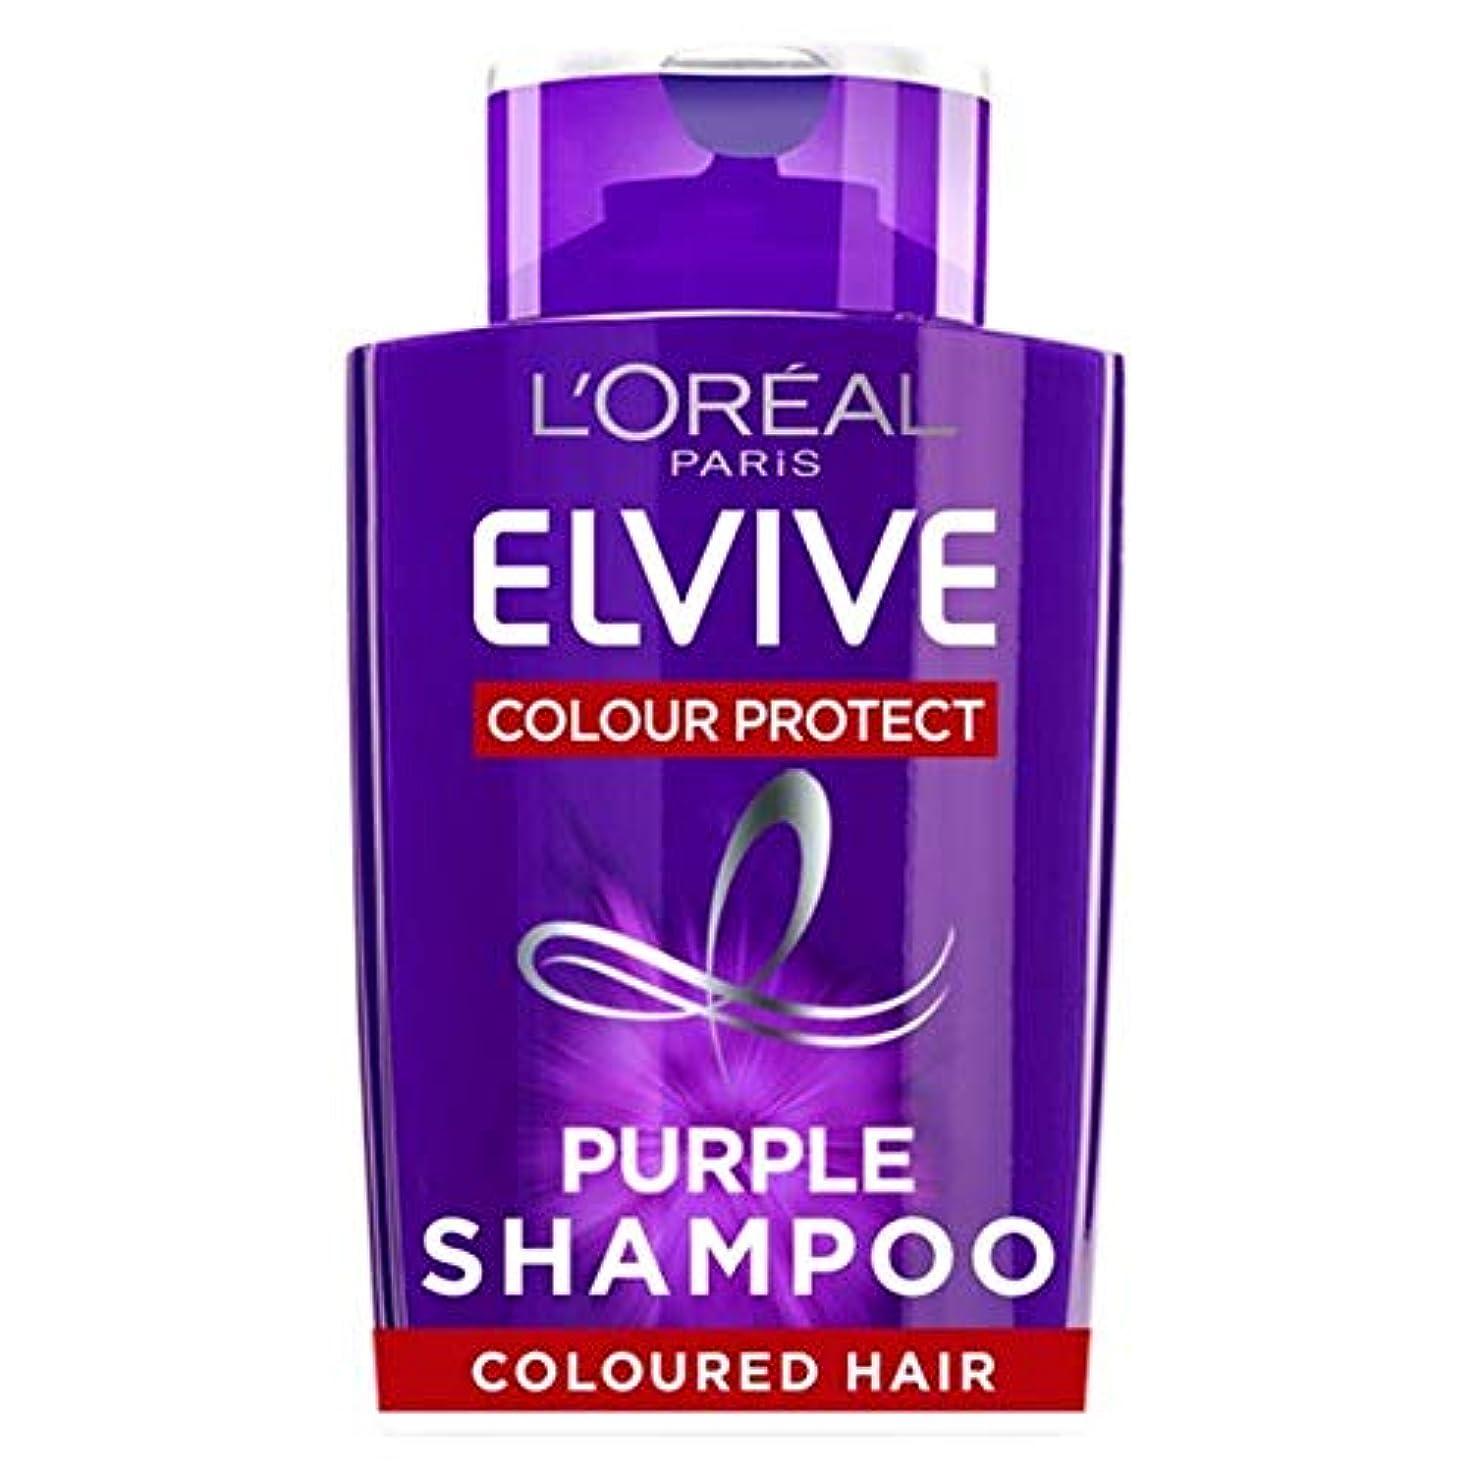 スキームズーム灌漑[Elvive] ロレアルElvive色は紫色のシャンプー200ミリリットルを保護します - L'oreal Elvive Colour Protect Purple Shampoo 200Ml [並行輸入品]